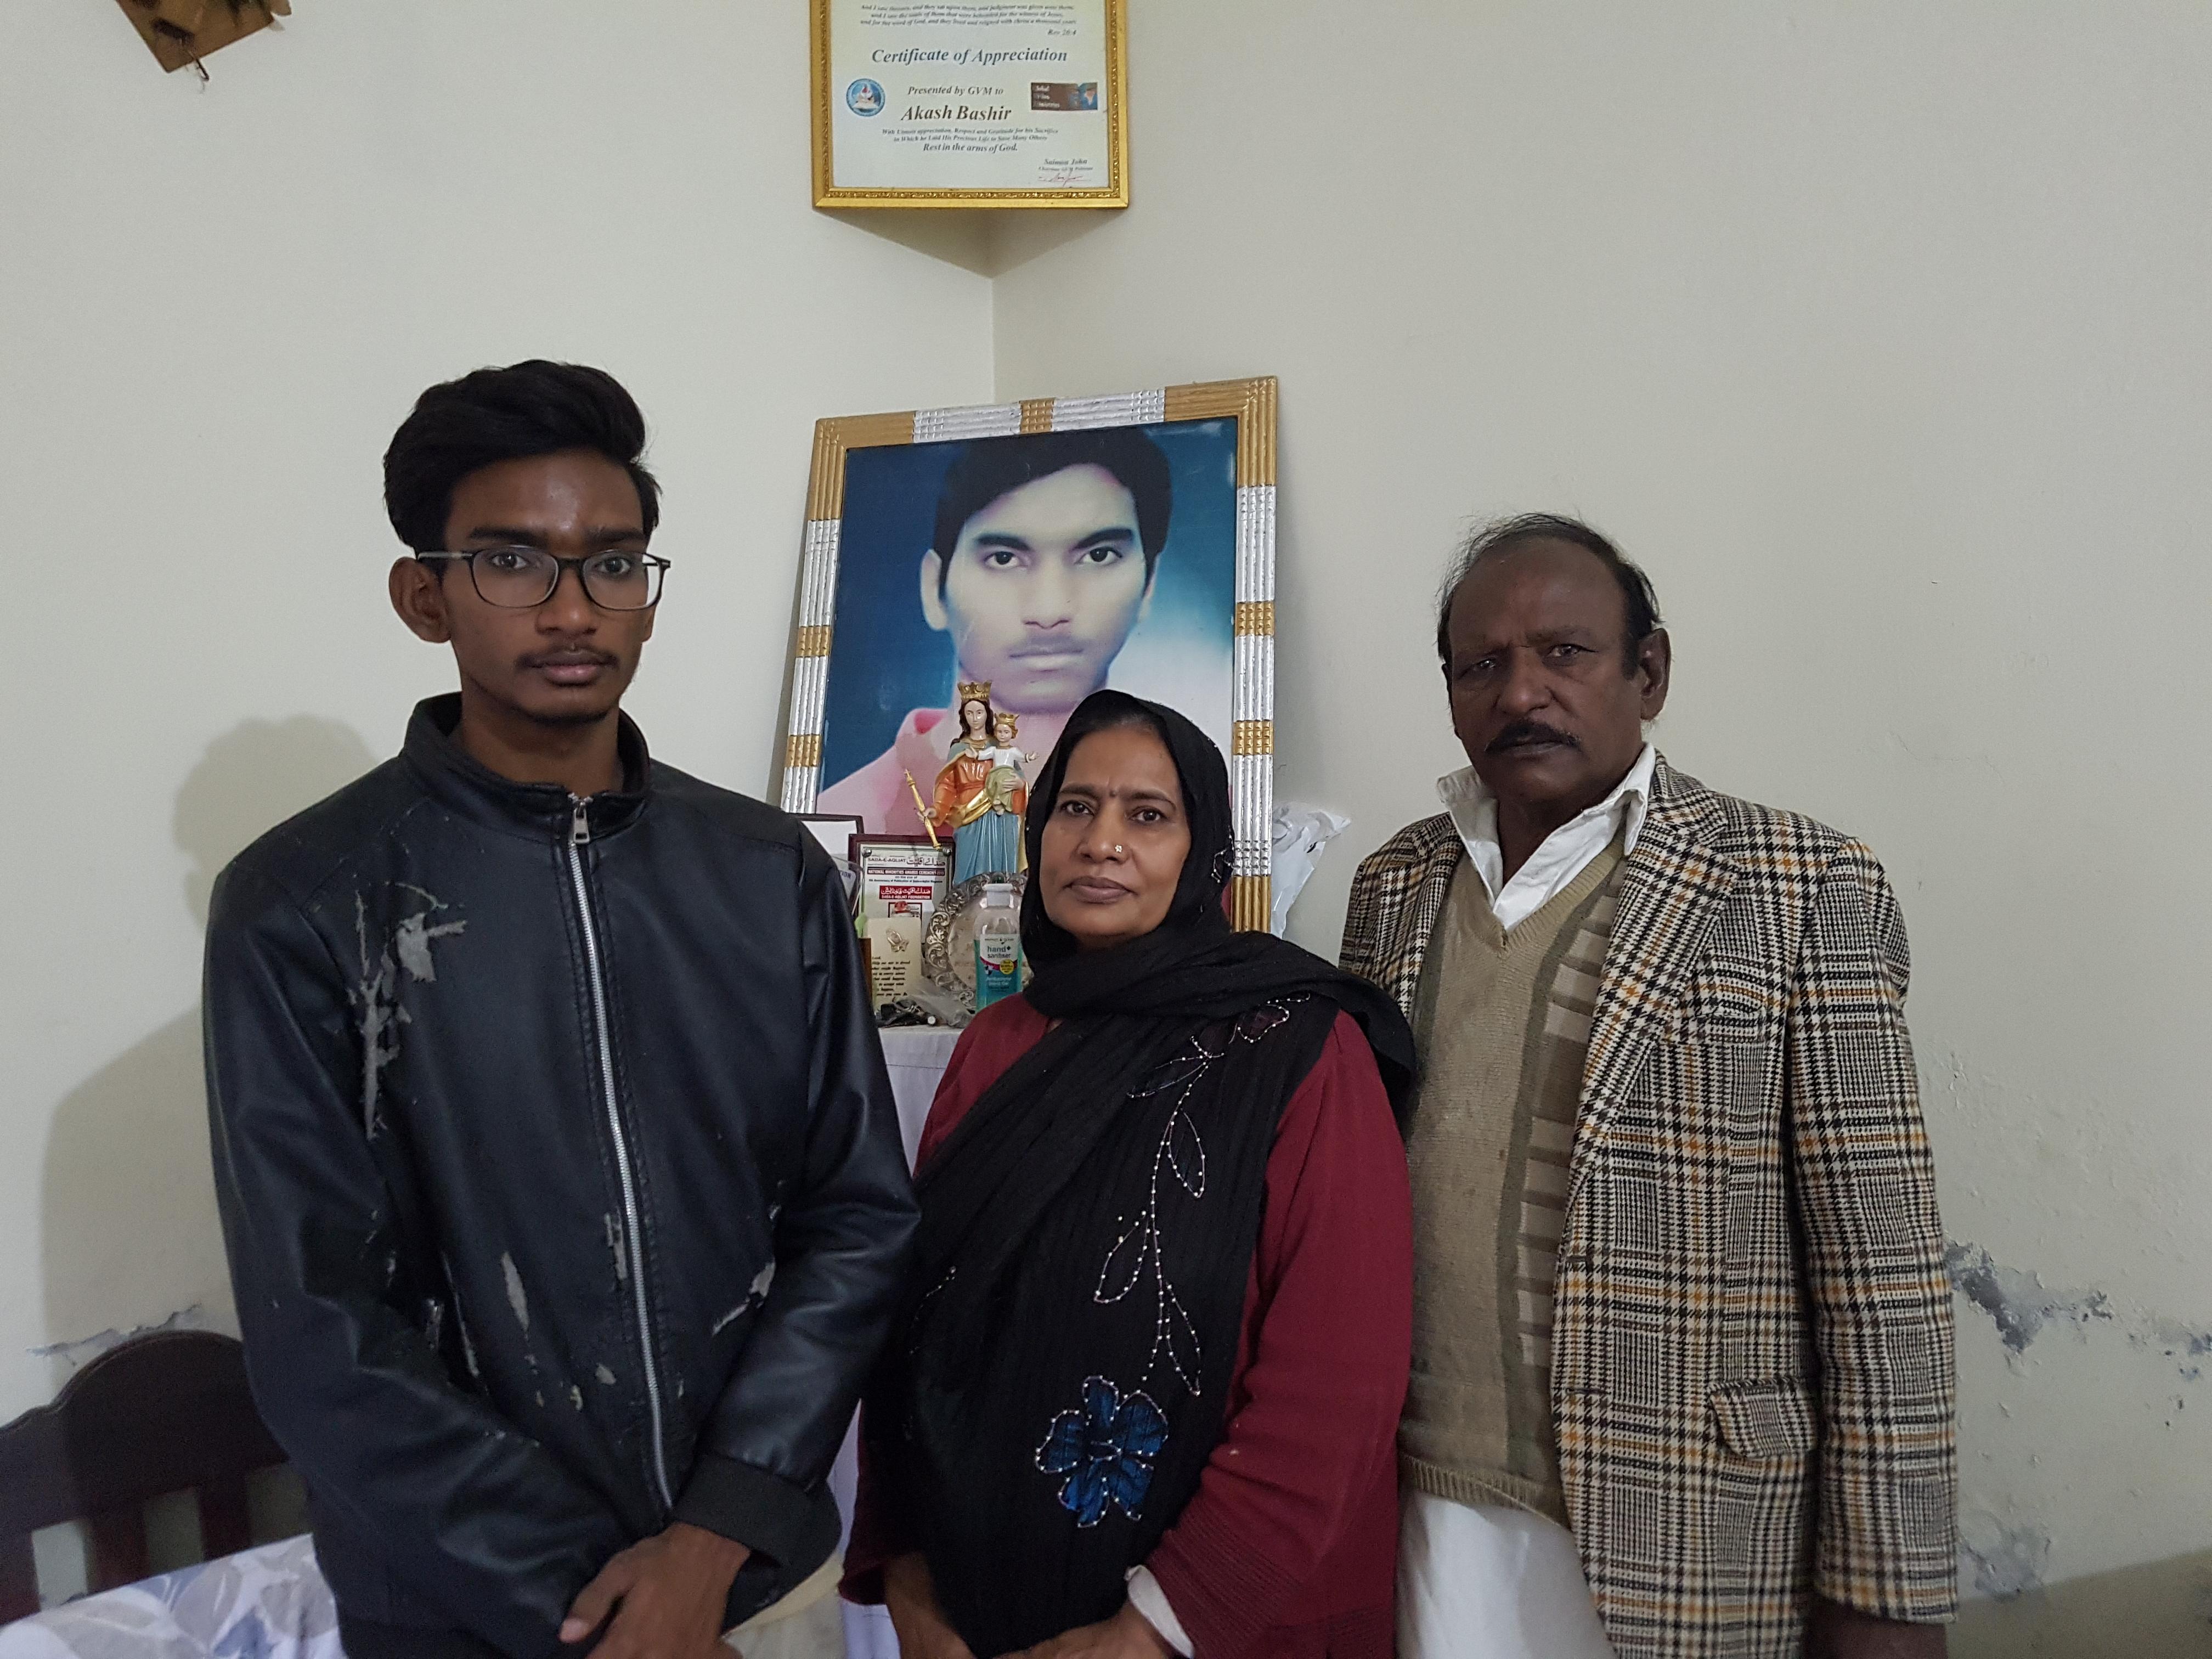 Una familia católica pakistaní reza por la canonización de su hijo mártir